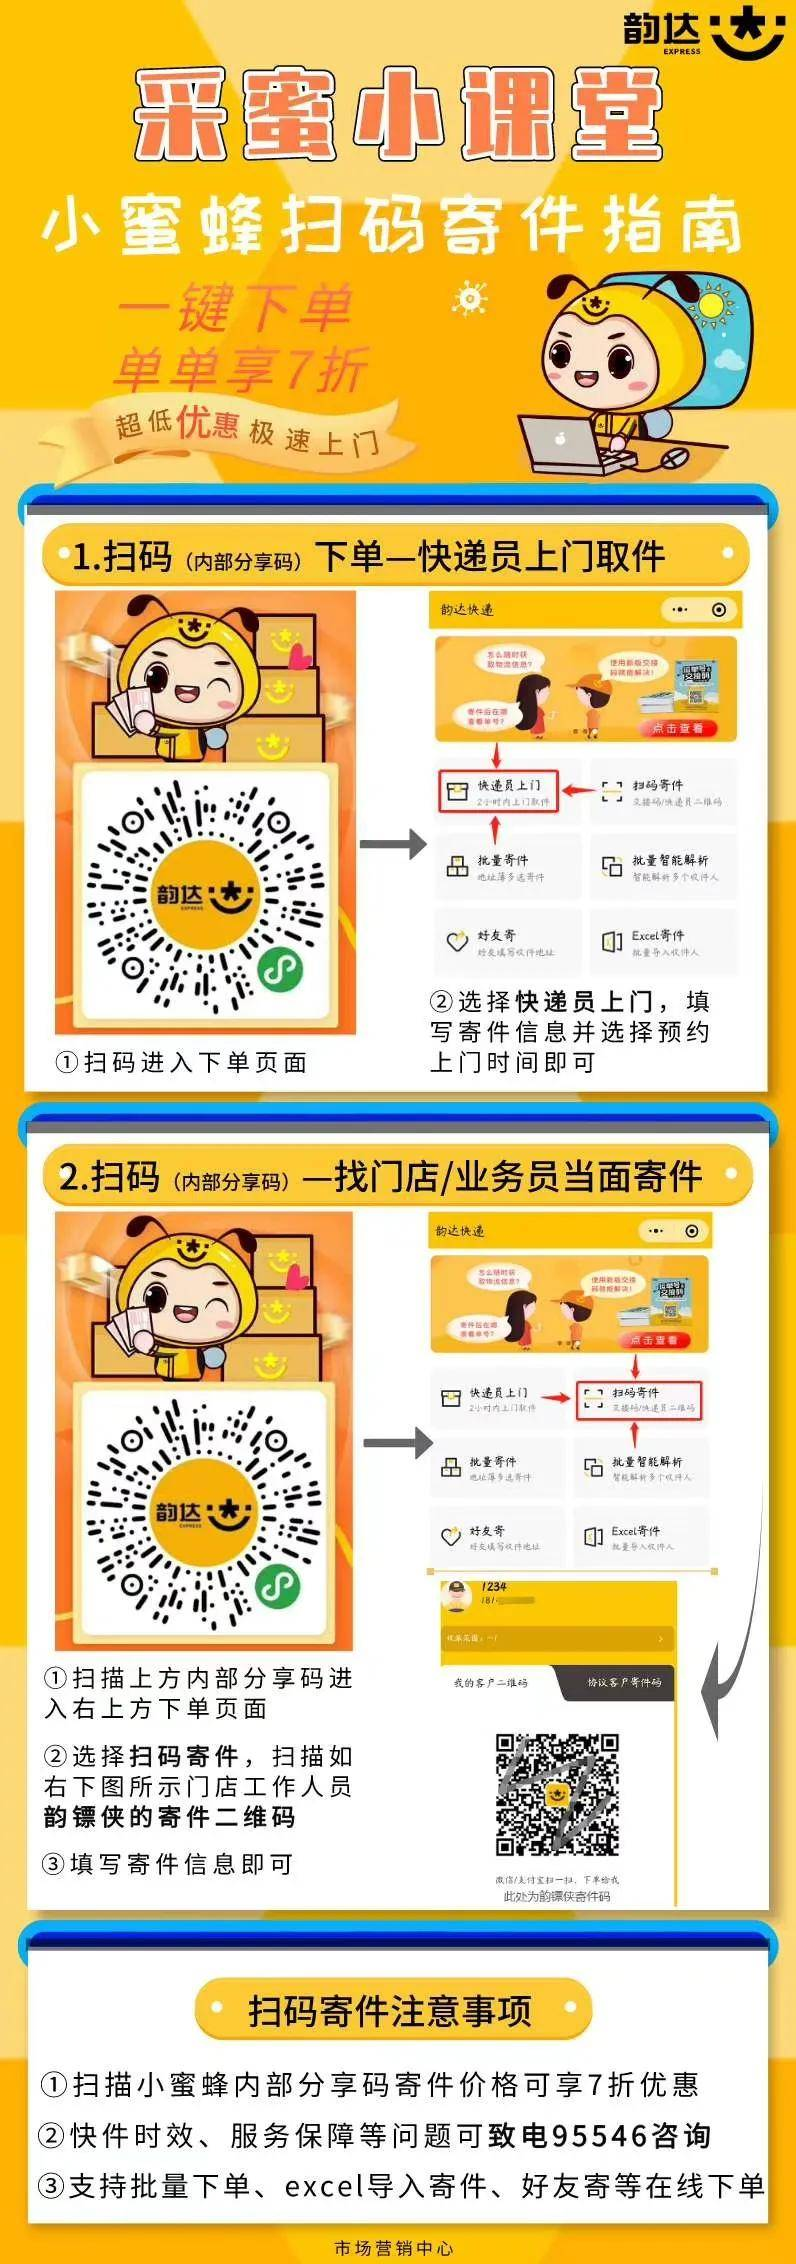 """韵达""""小蜜蜂采蜜""""服务正式上线.jpg"""